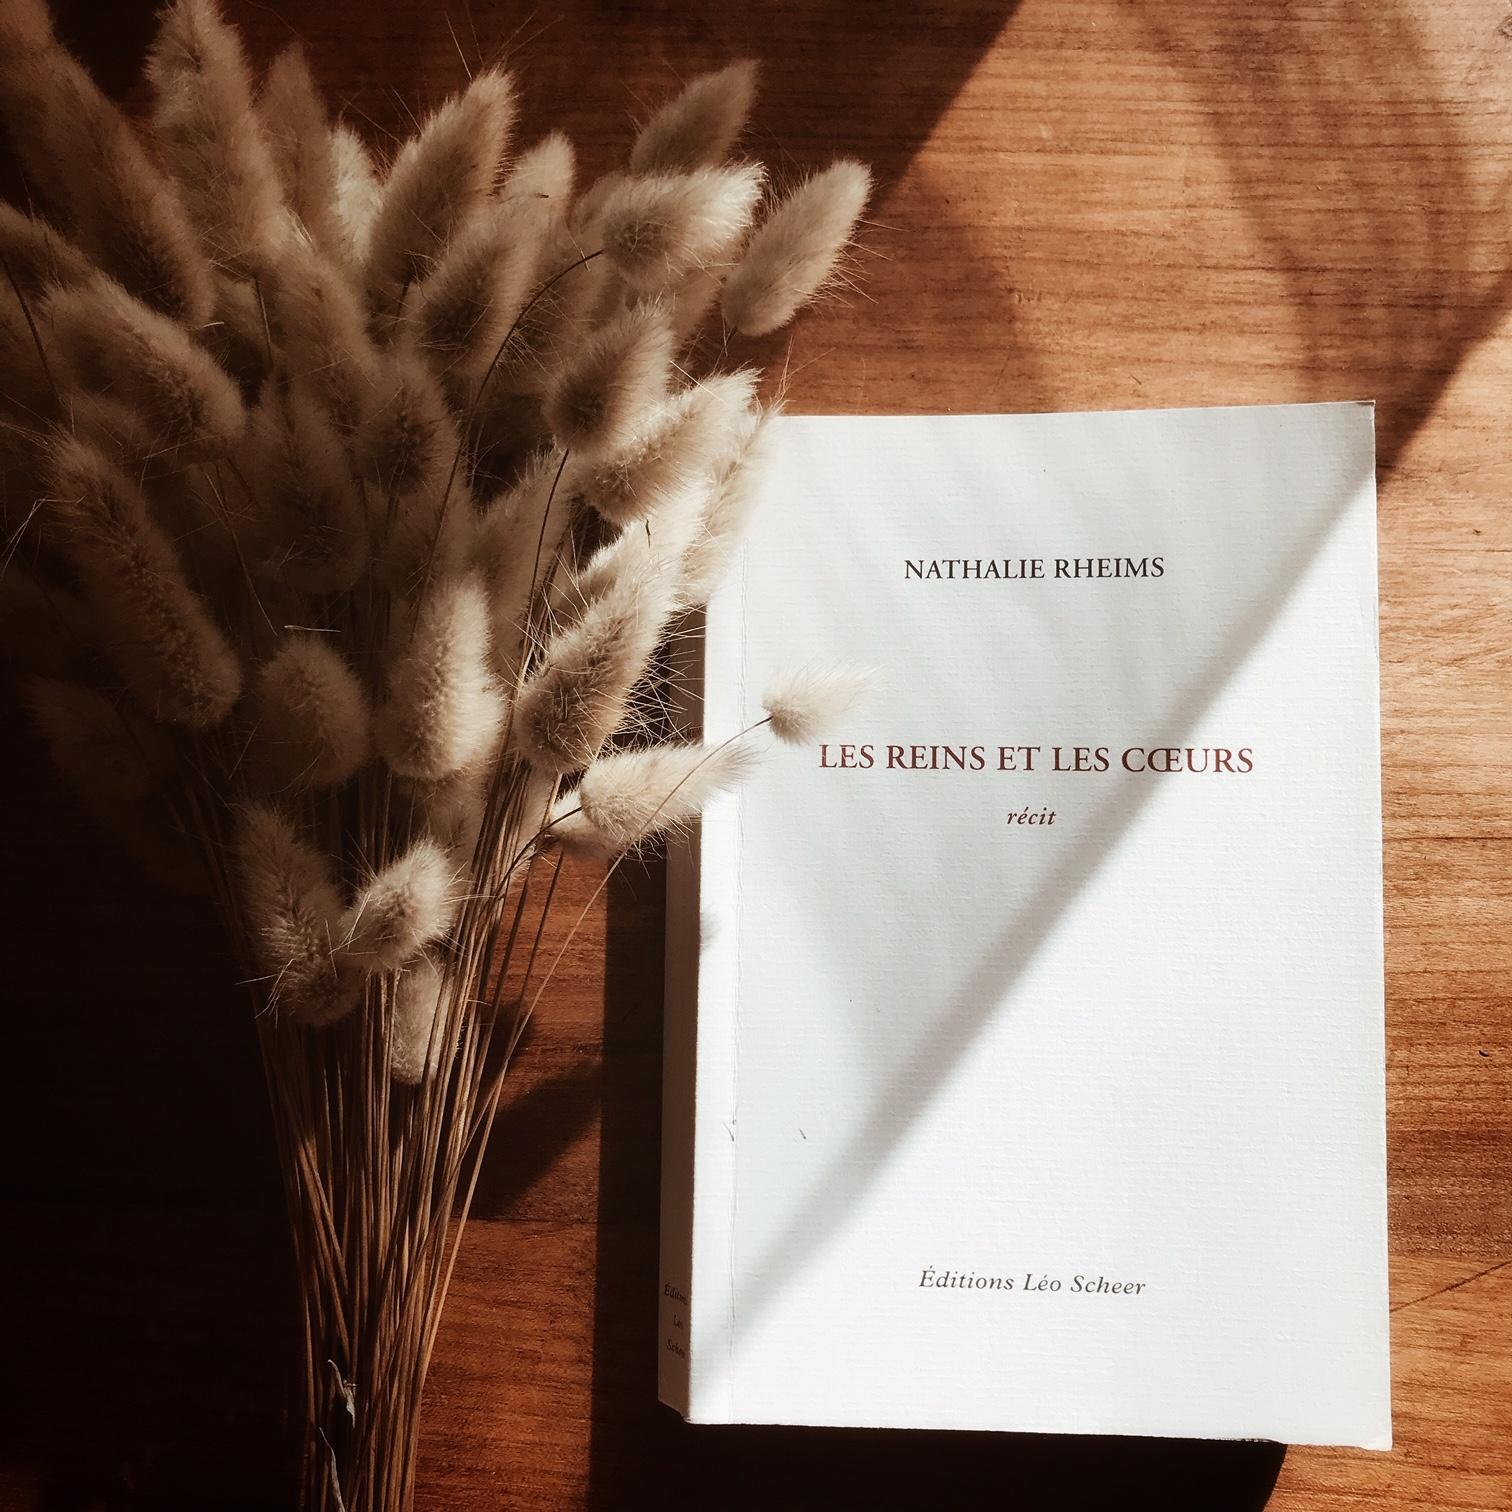 Les reins et les coeurs, de Nathalie Rheims : la malédiction du sang